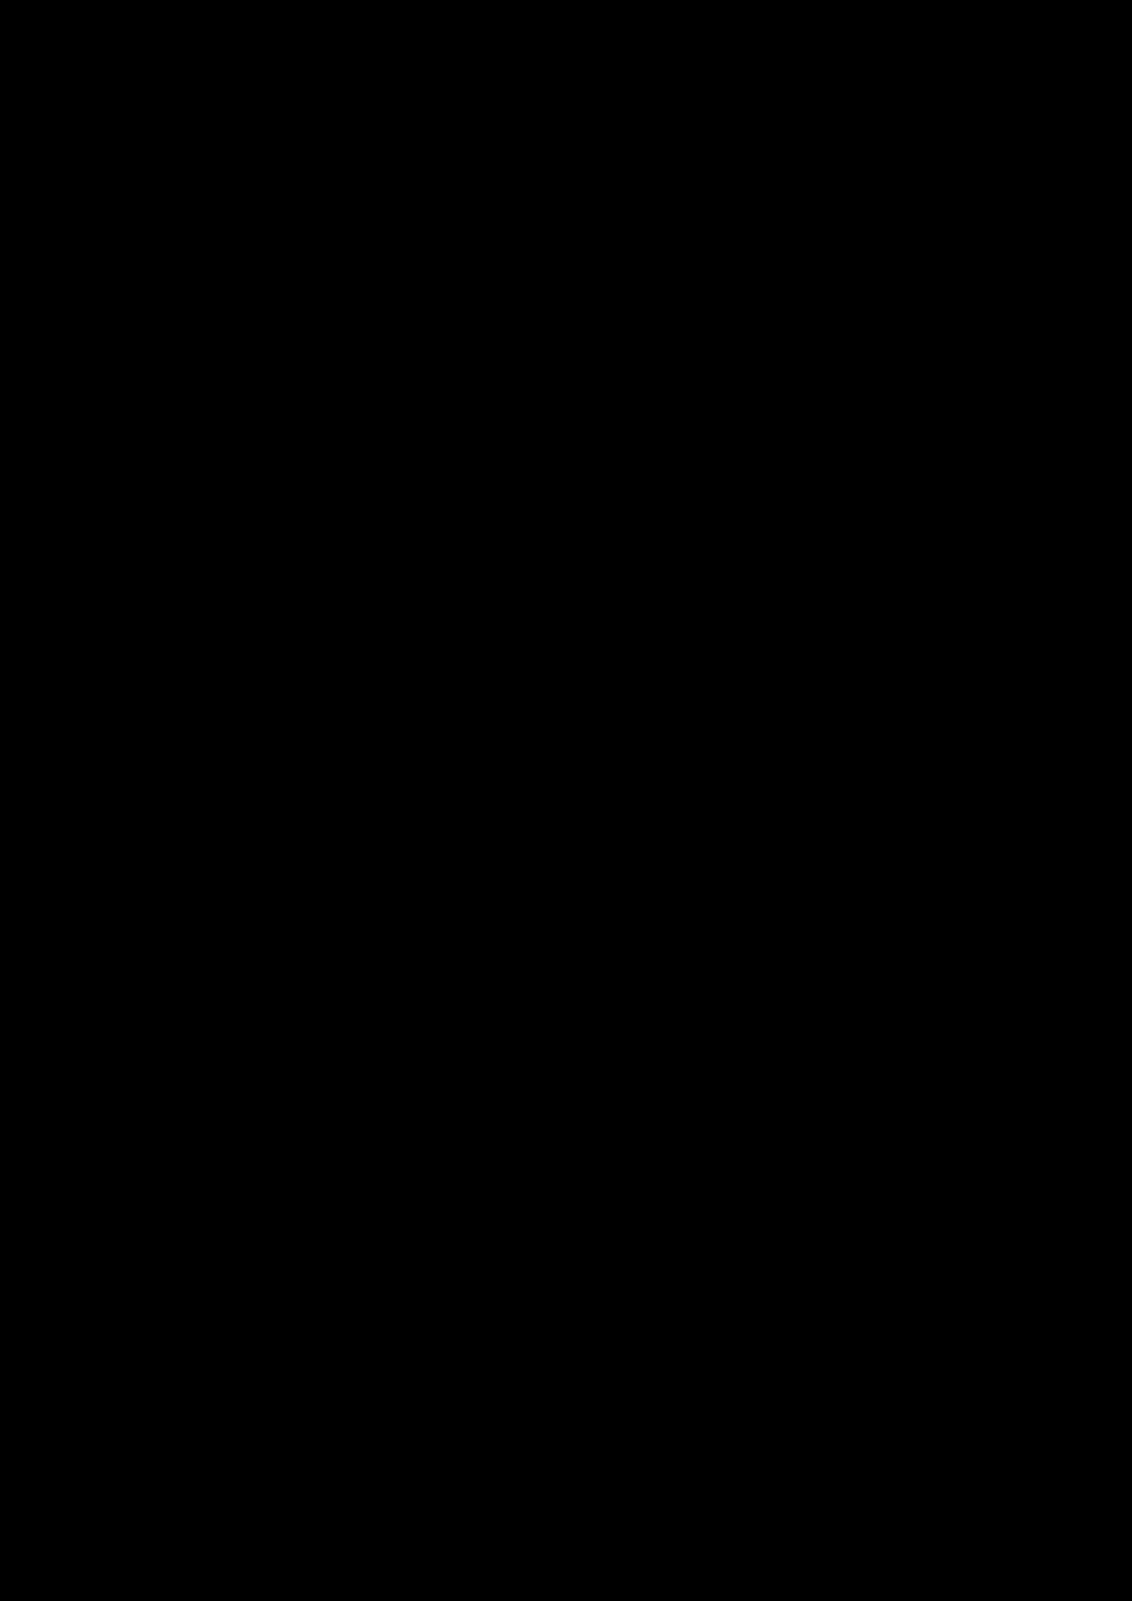 Serdtse slide, Image 62